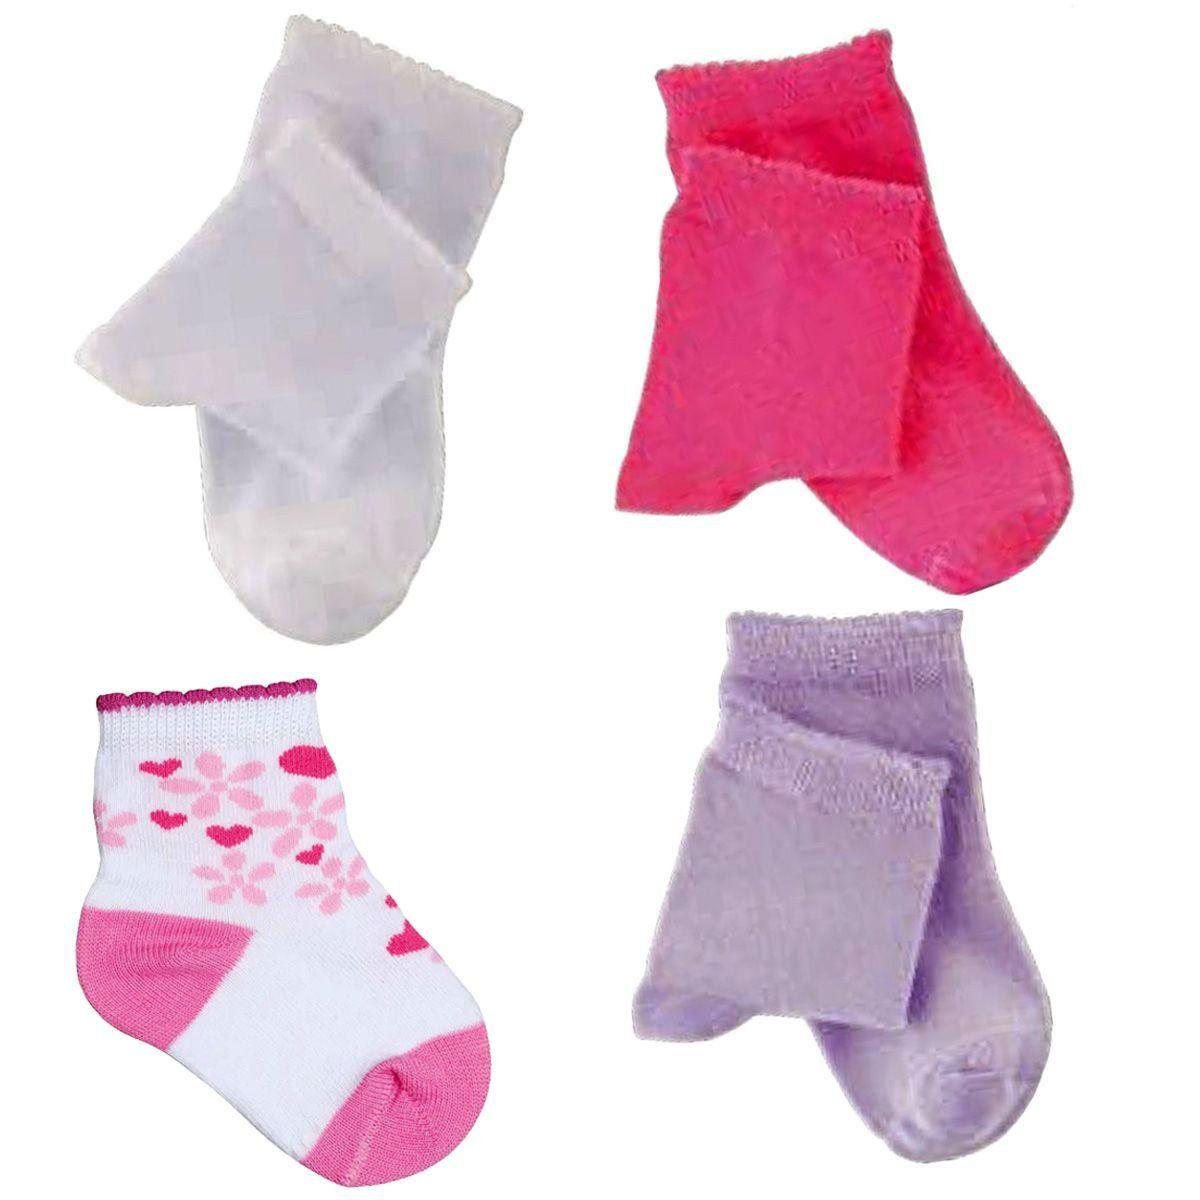 KIT com 3 pares de meias MENINA baby infantil cano curto Lupo Ref: 2000